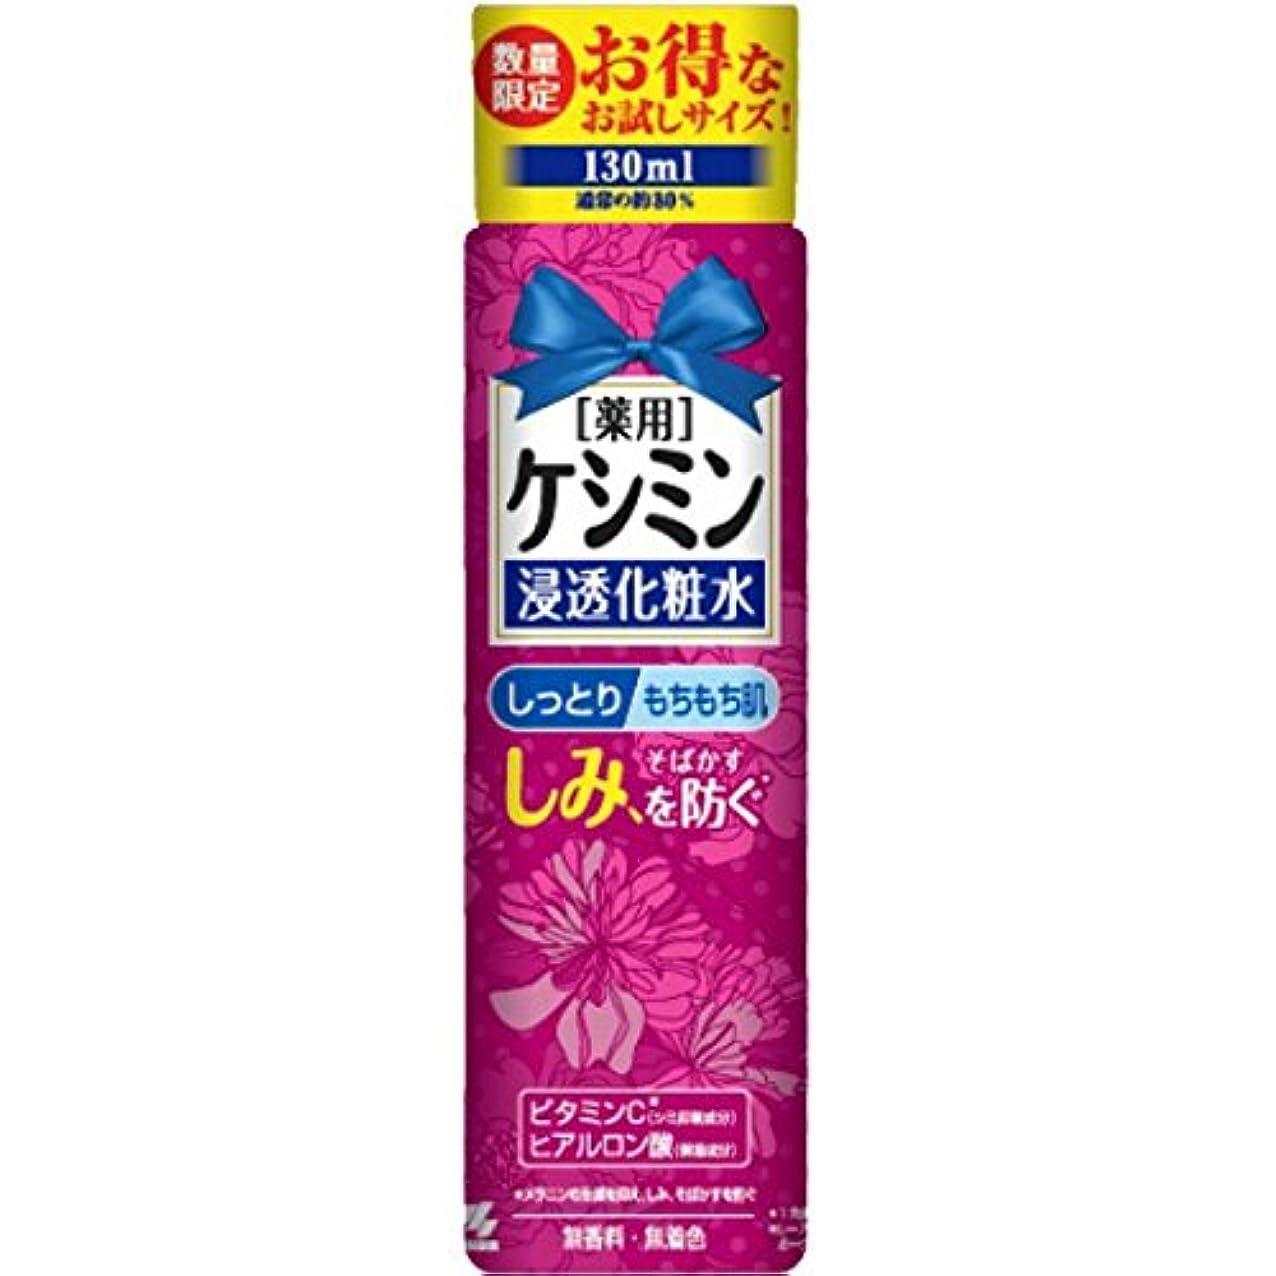 インフルエンザ心理学意図ケシミン液 しっとり化粧水 お試しサイズ 本体130mL